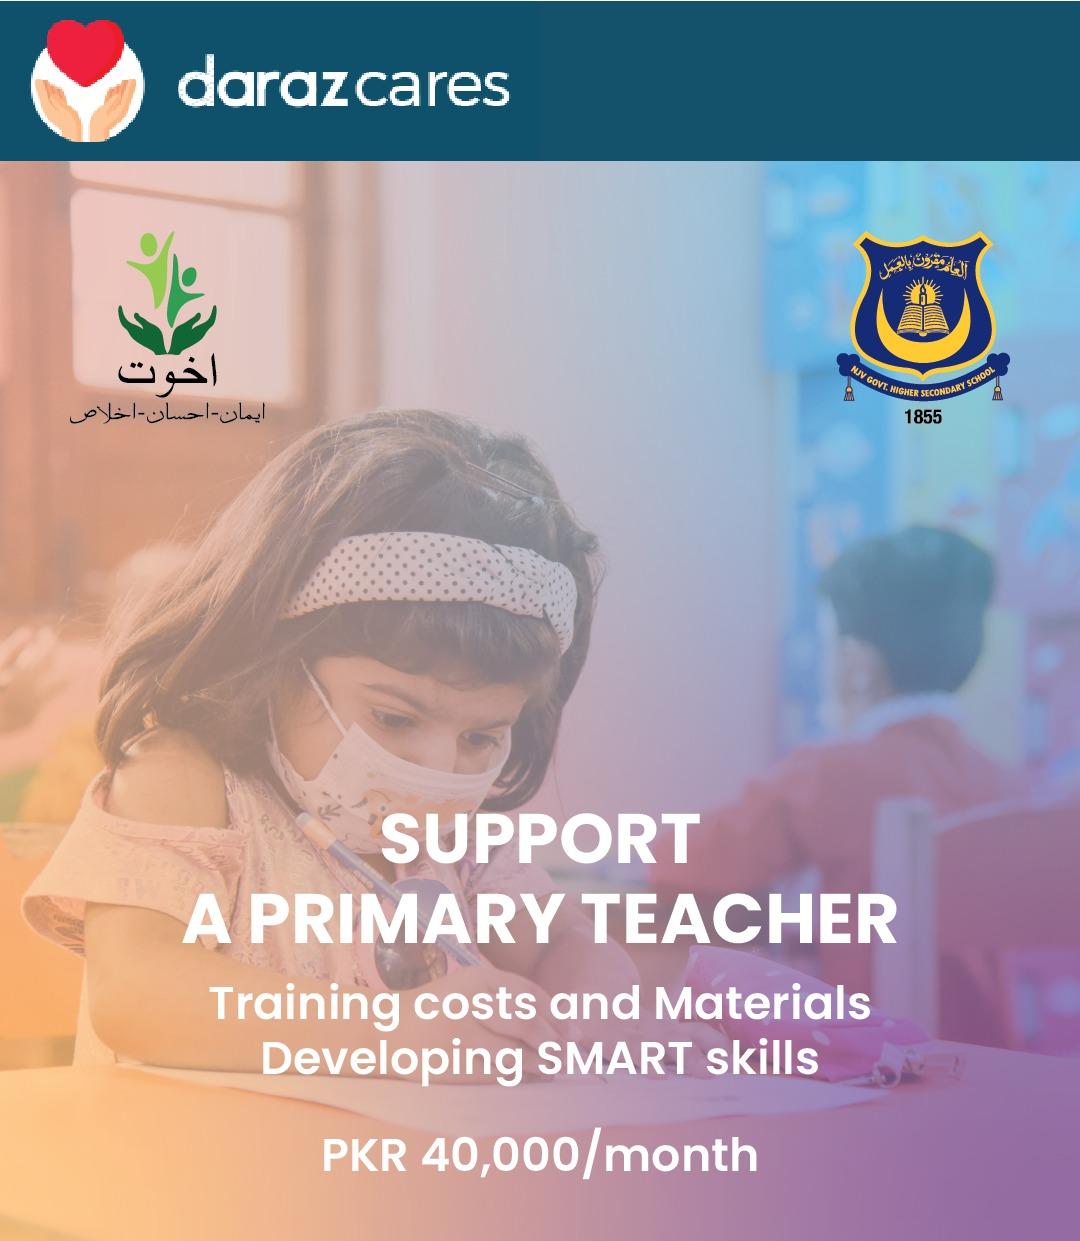 Asaan donations Daraz Say in Ramadan 2021 - Daraz Life